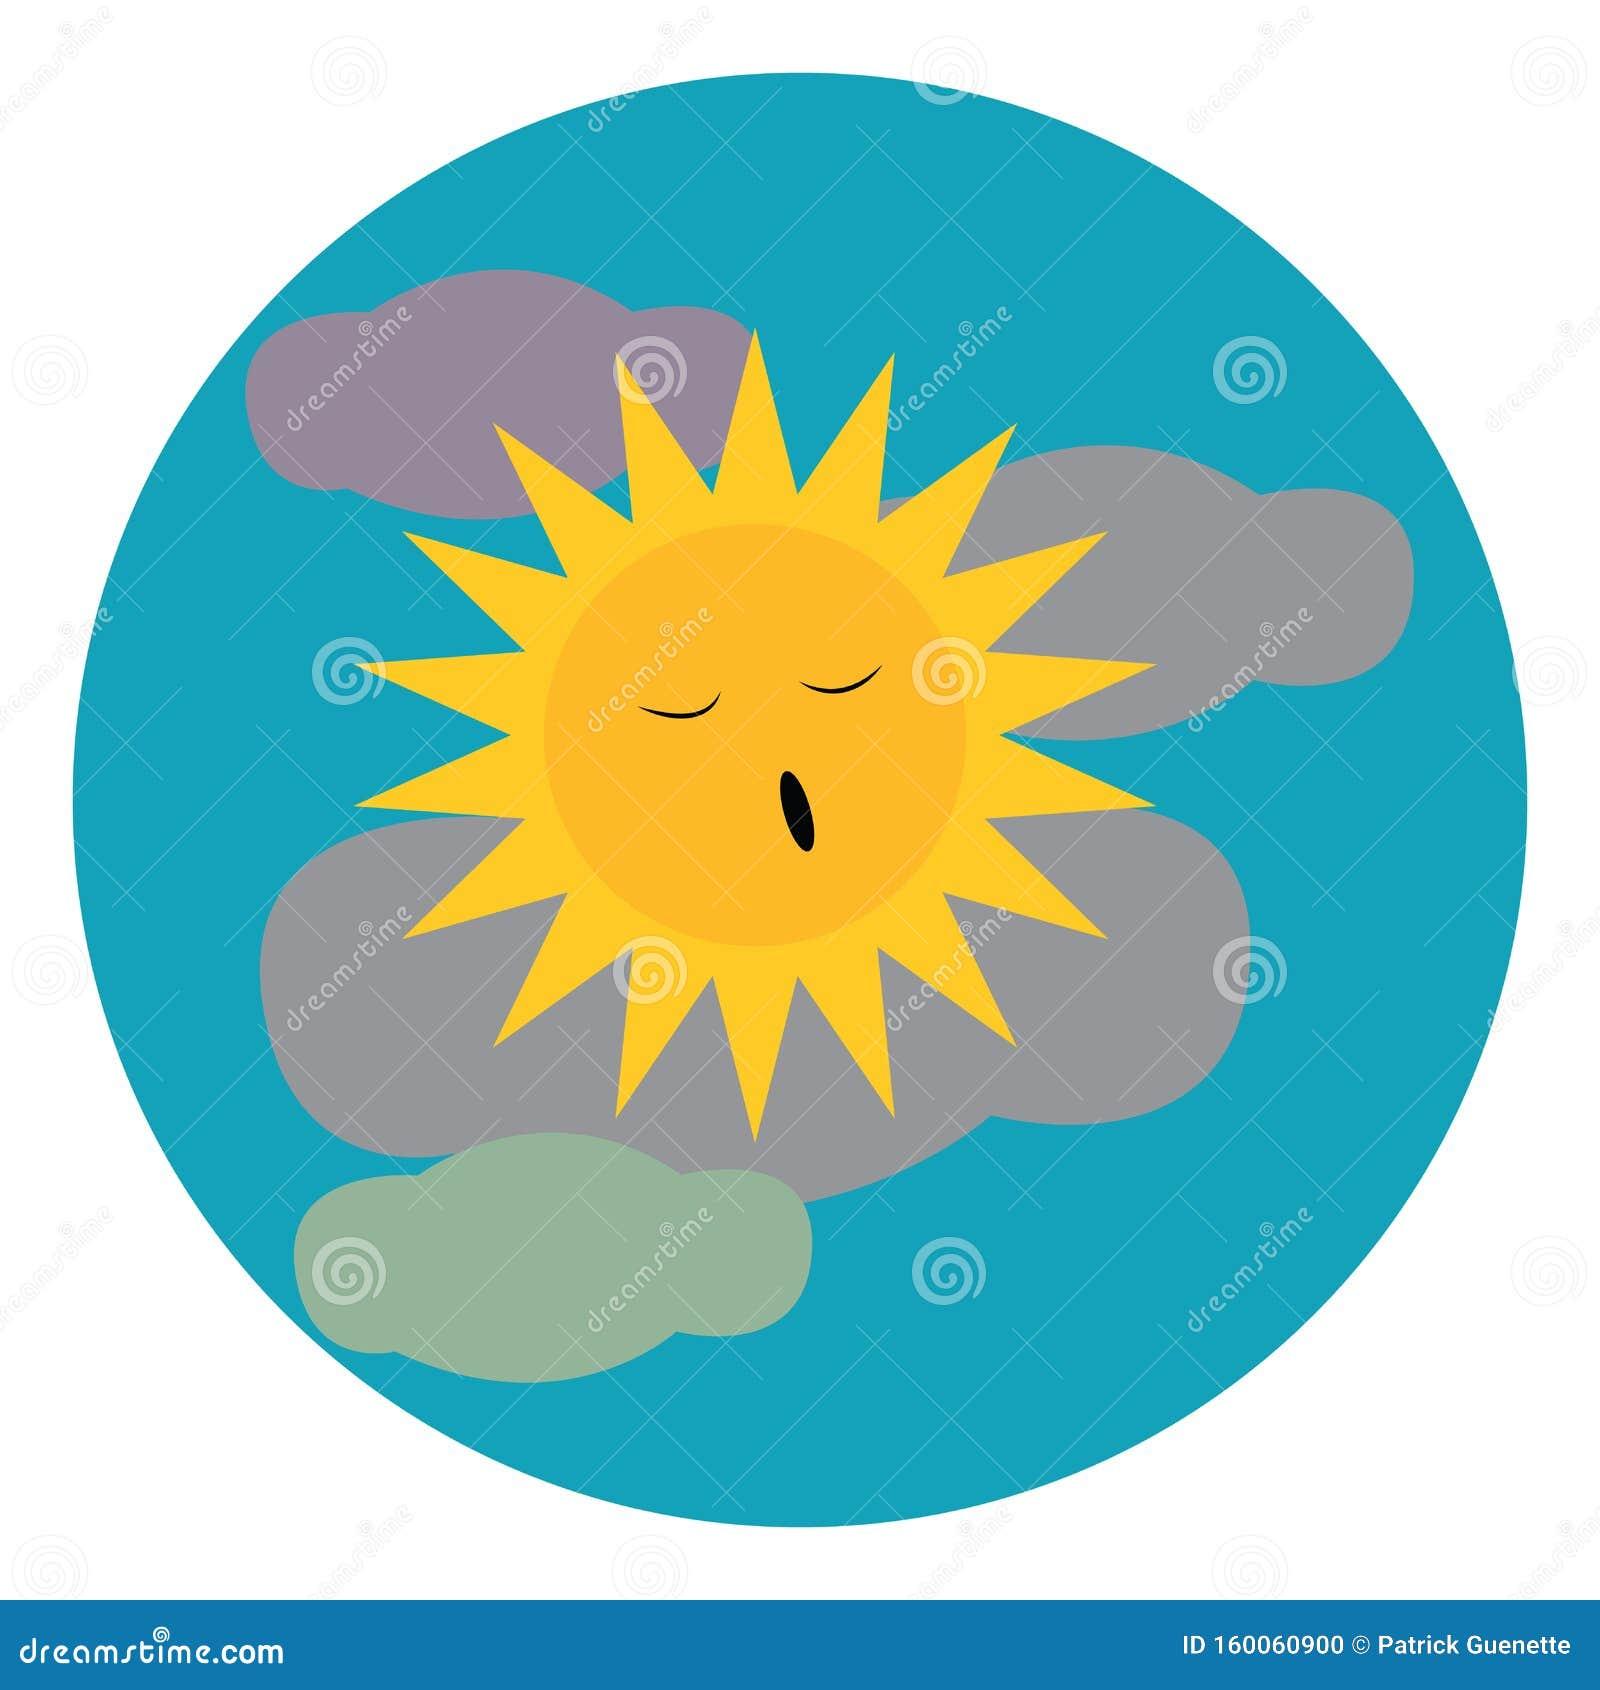 Un Escalón De Un Cielo Nublado Azul Con Dibujo O Ilustración De Color  Vectorial Del Sol Dormido Amarillo Brillante Ilustración del Vector -  Ilustración de cielo, ilustración: 160060900